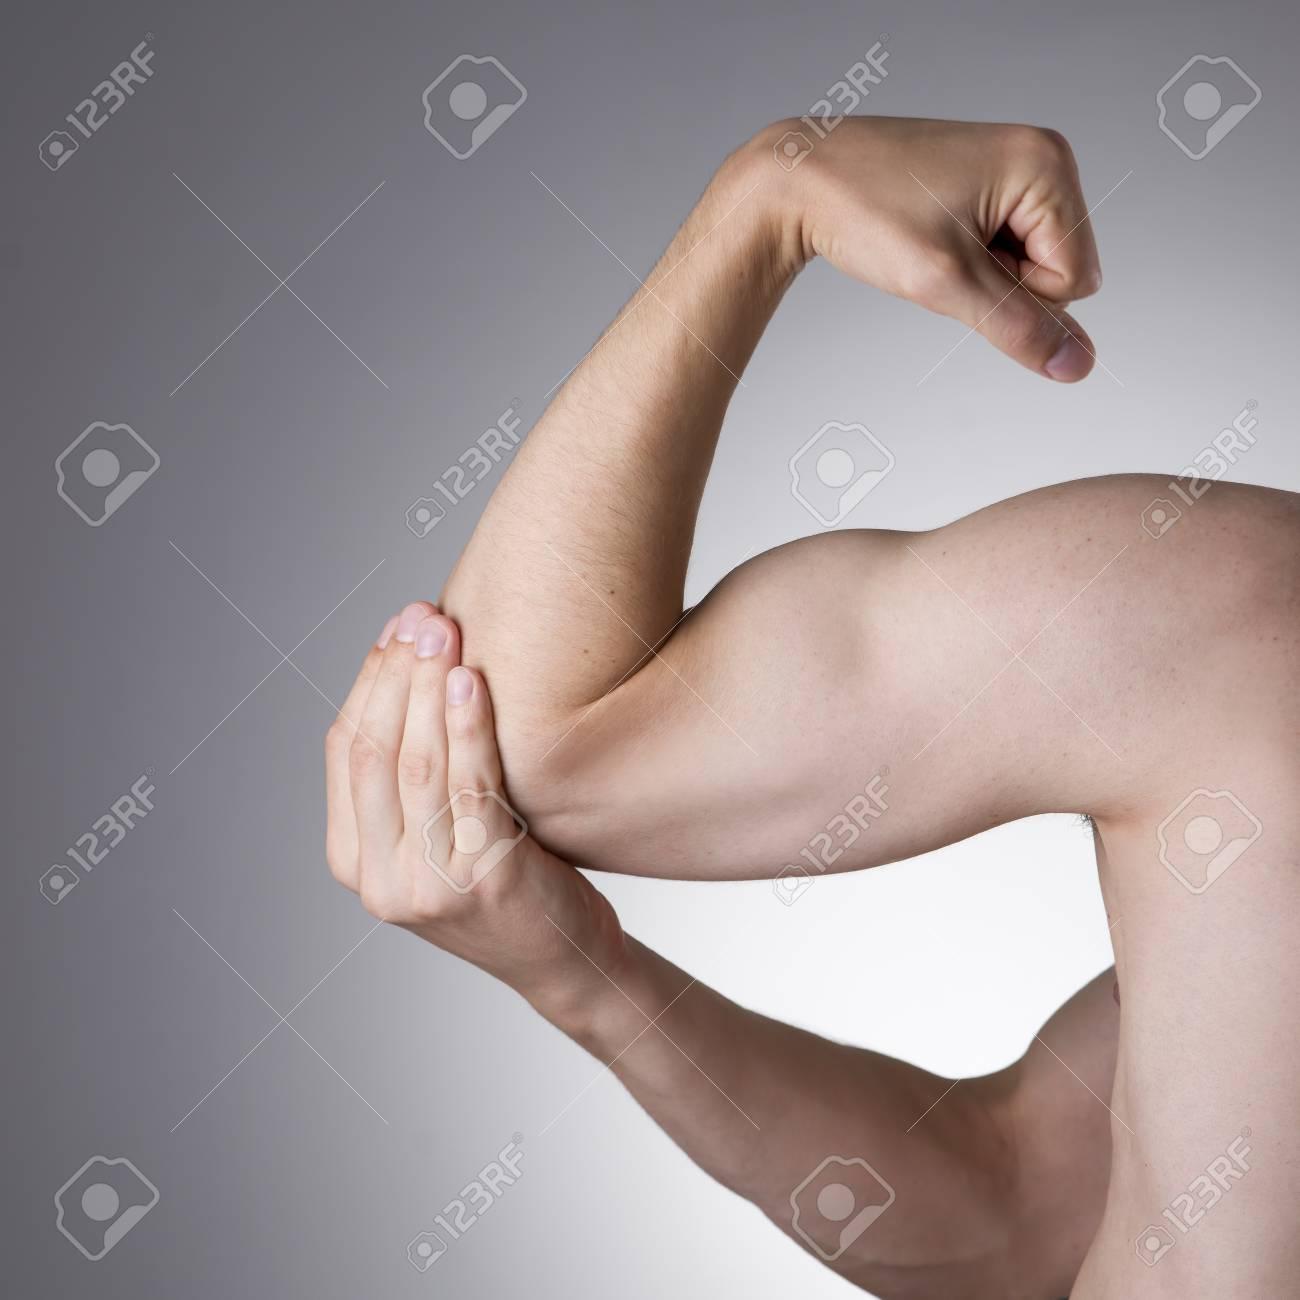 Schwellungen und Knoten an den Händen – Ursachen: Ganglion, gutartige Tumore